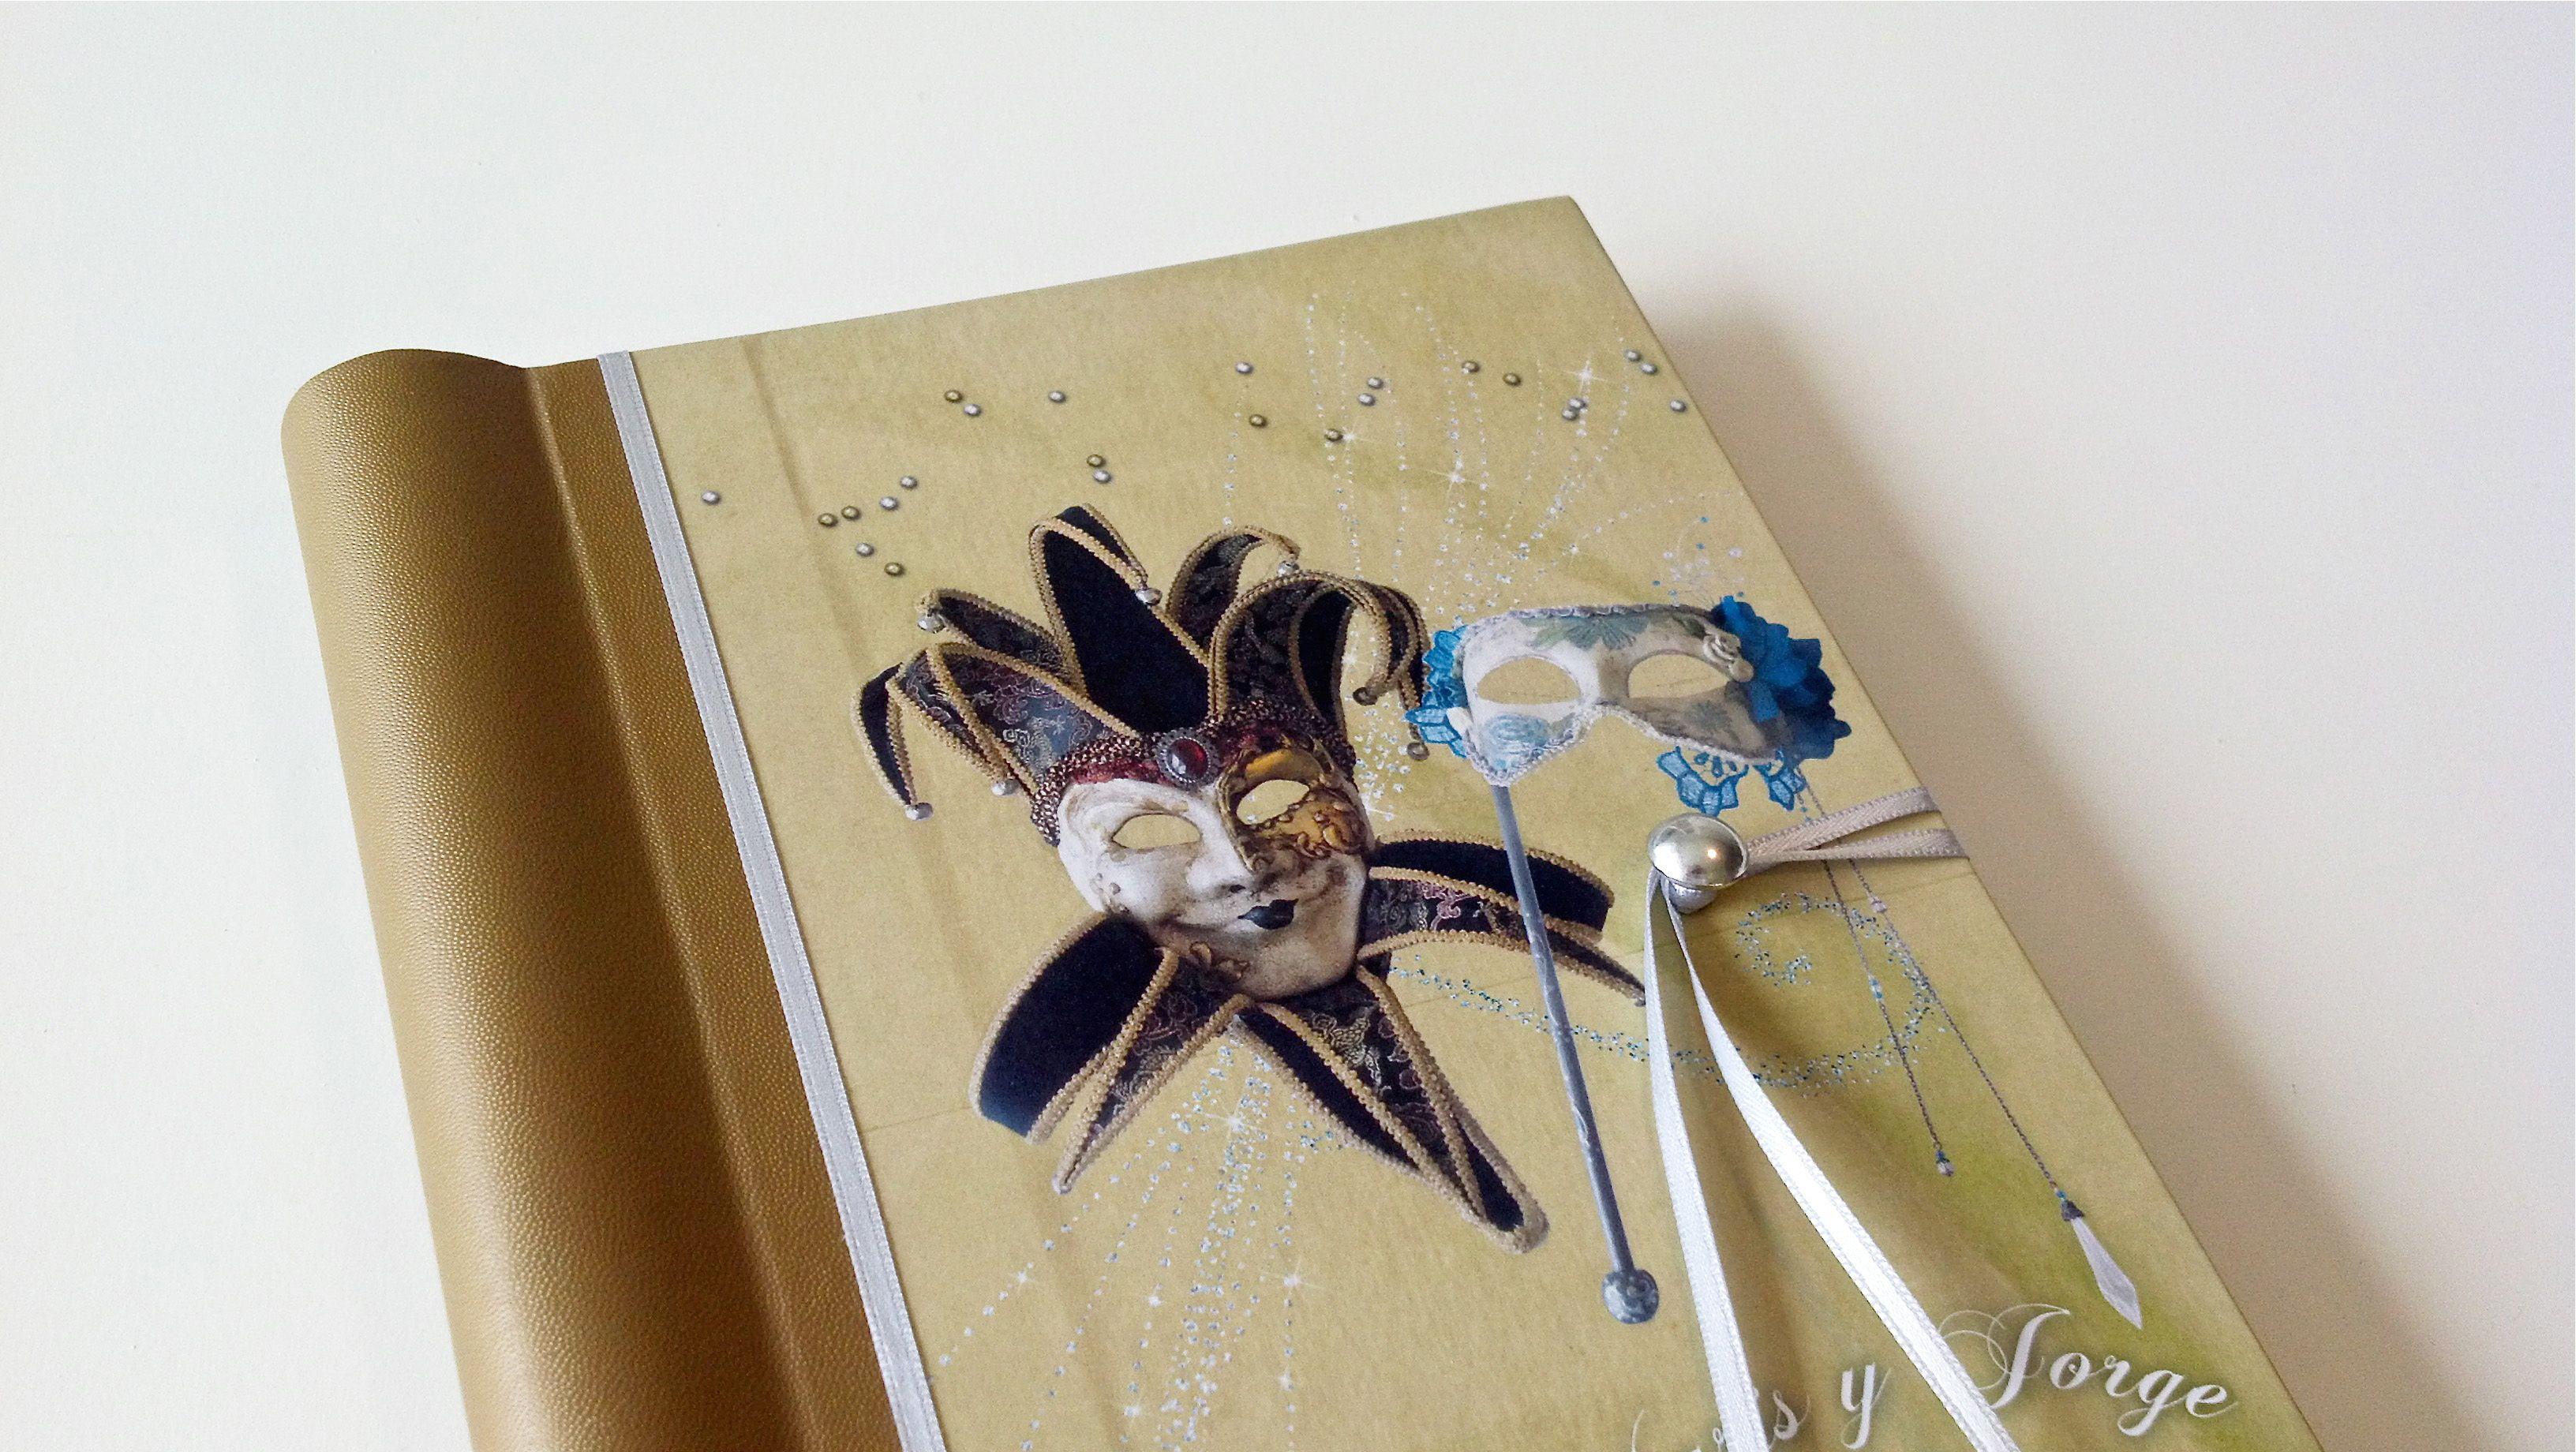 Tapa del Libro de Firmas para la boda de Stella Maris y Jorge. Acompañando el tema de su fiesta, el CARNAVAL VENECIANO, el libro se realizó con fotos de las máscaras que lucieron en el evento.   Encargá vos también tu Libro de Firmas Personalizado en nuestra Tienda Online  https://yourownstory.tiendanube.com/ http://www.milibrodefirmas.com/  Las máscaras son de  https://www.facebook.com/HarlequinMascaras http://www.harlequin.com.ar/